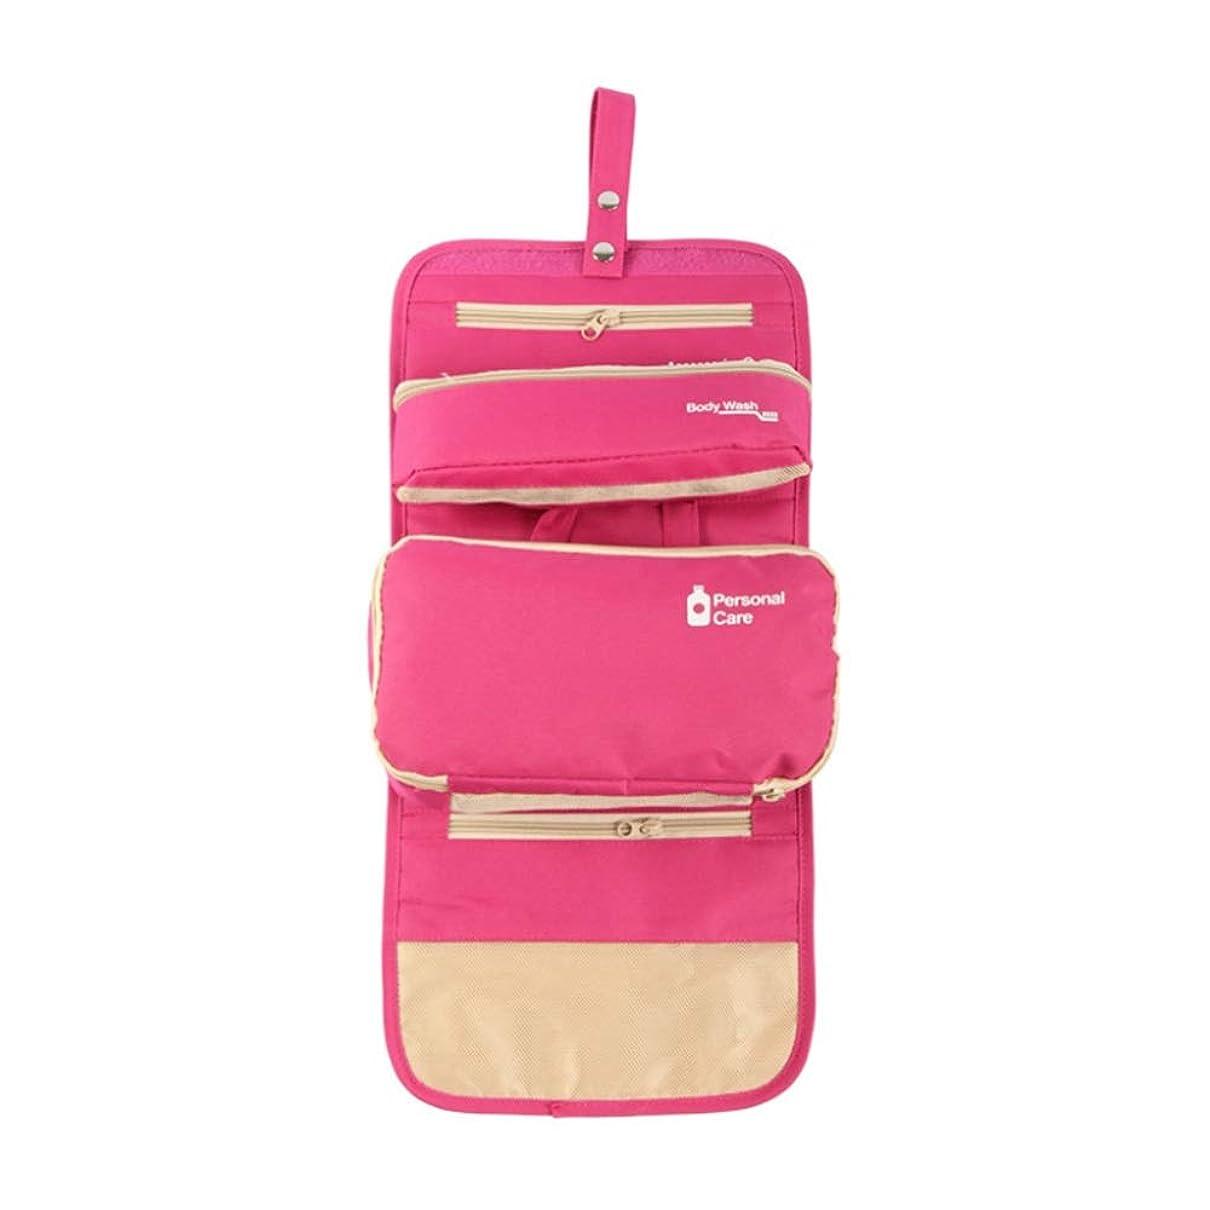 お香おなかがすいた集計化粧オーガナイザーバッグ ハンギングトラベルウォッシュバッグナイロンポータブル化粧品家庭用ストレージバッグ折りたたみ旅行化粧品収納ボックス 化粧品ケース (色 : ピンク)